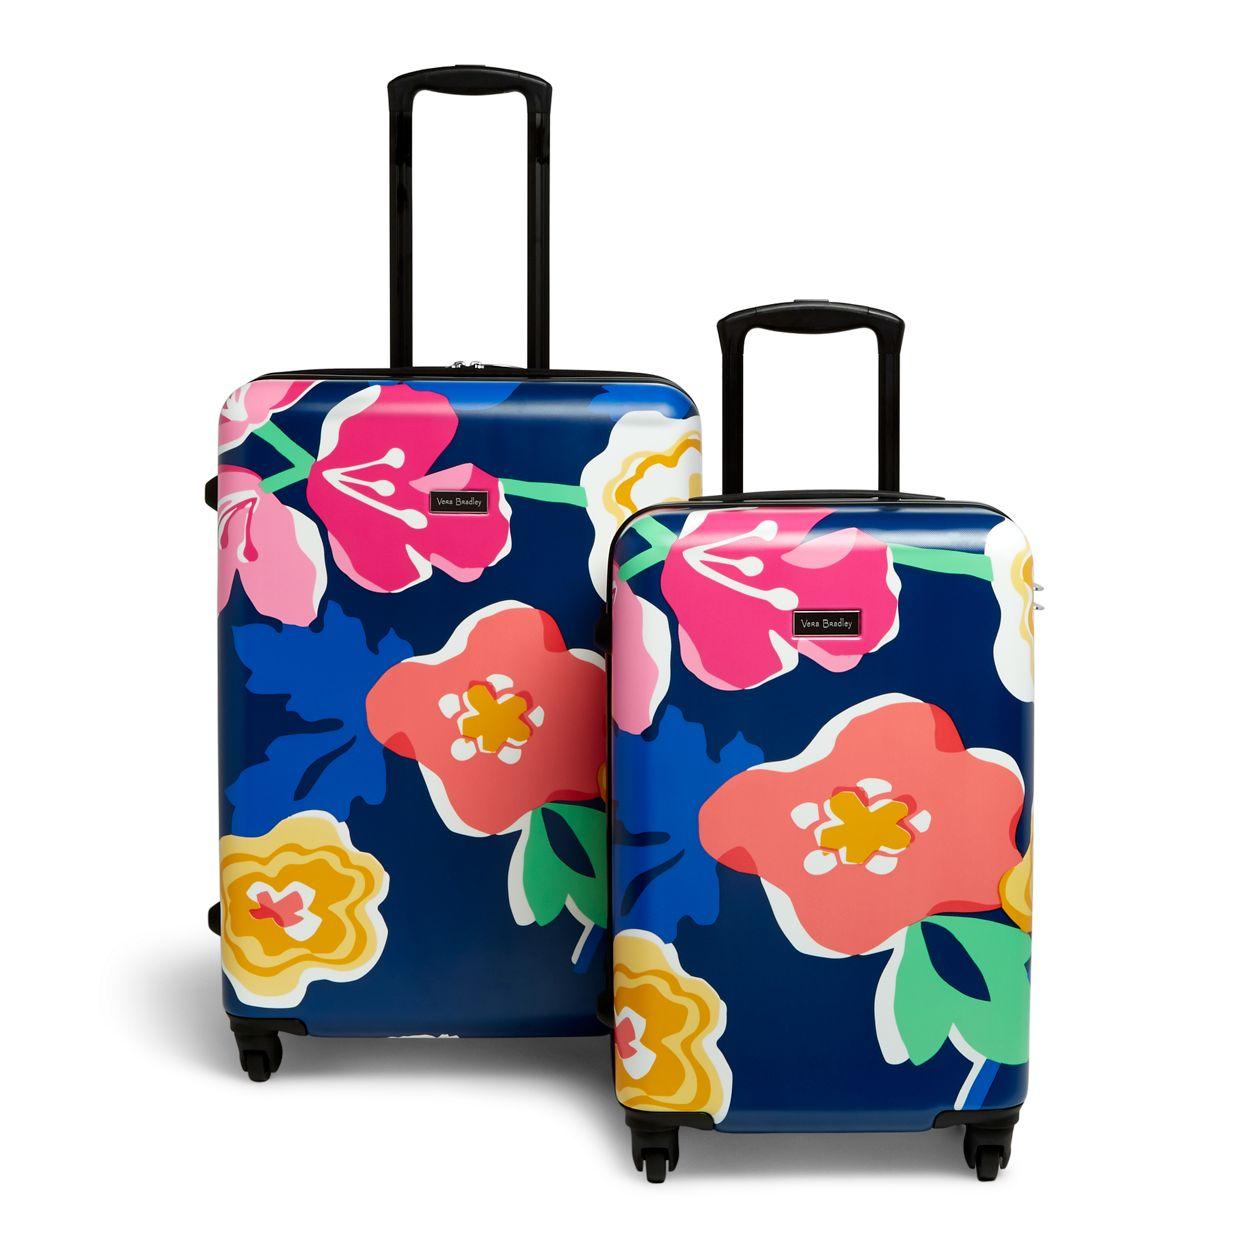 6027c03d71 Image of Hardside Spinner Luggage Set in Lavender Dandelion ...